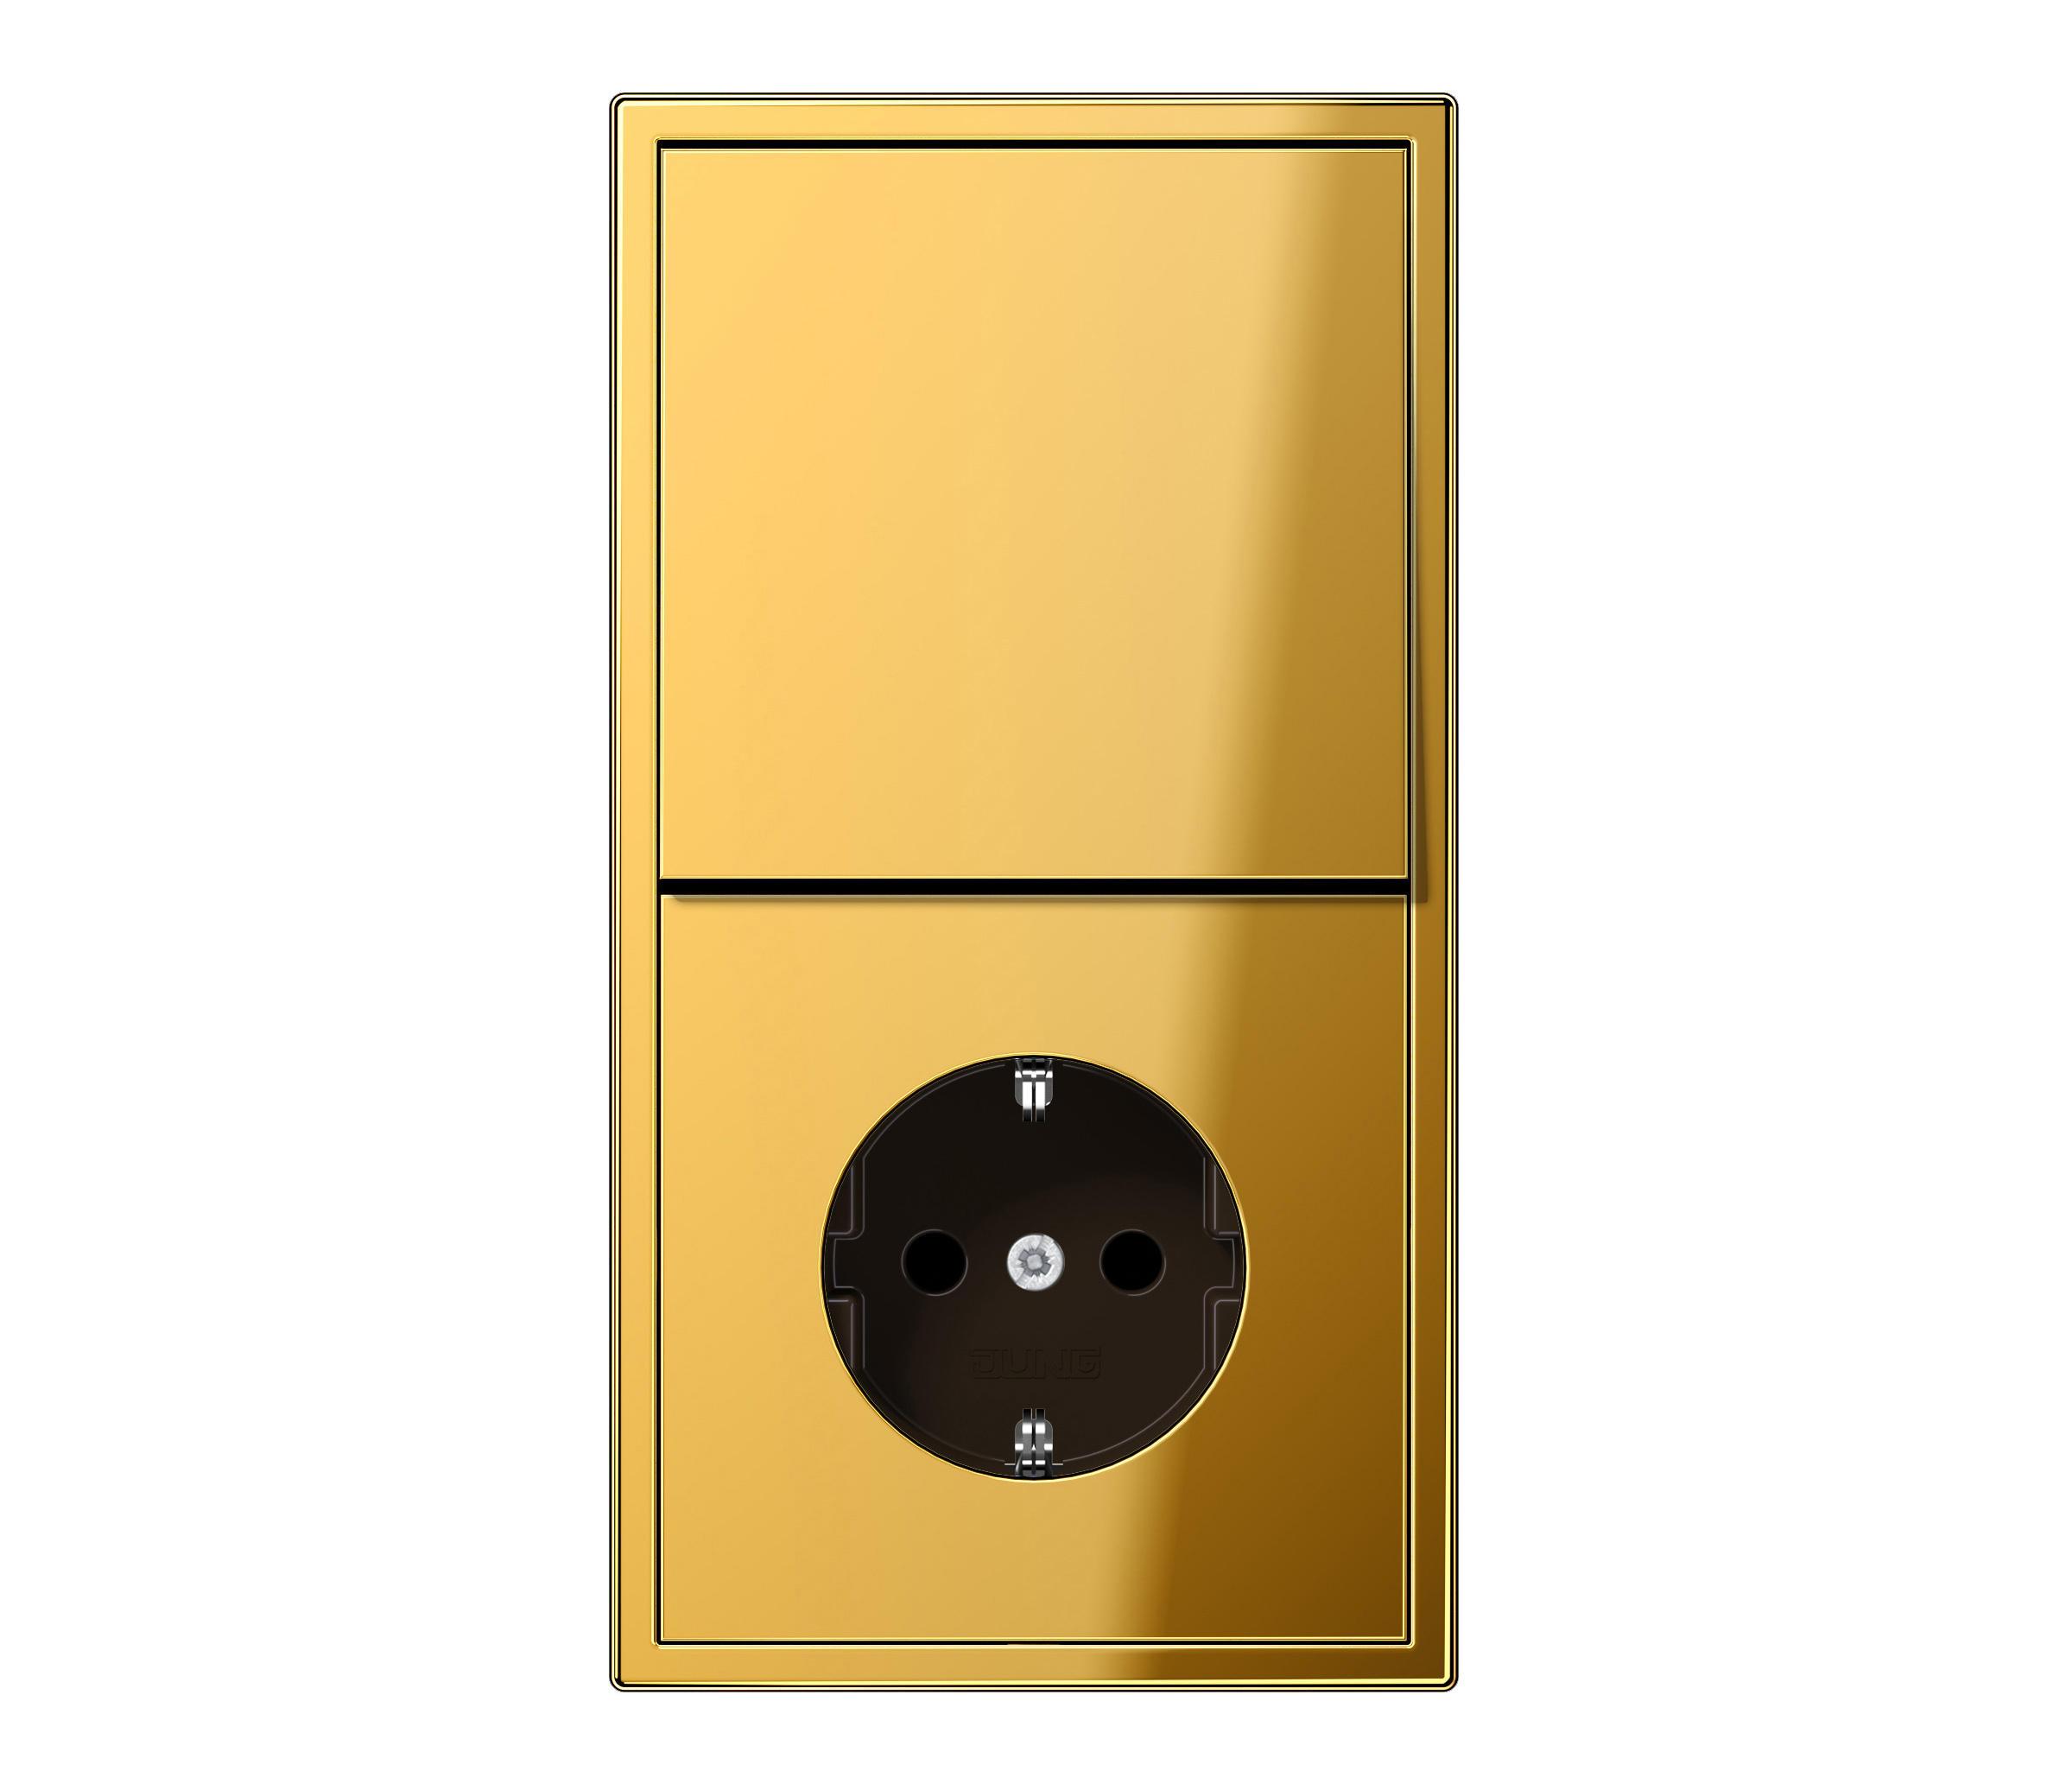 ls 990 goldfarben schalter steckdosenkombination stecker schalter kombinationen schuko von. Black Bedroom Furniture Sets. Home Design Ideas